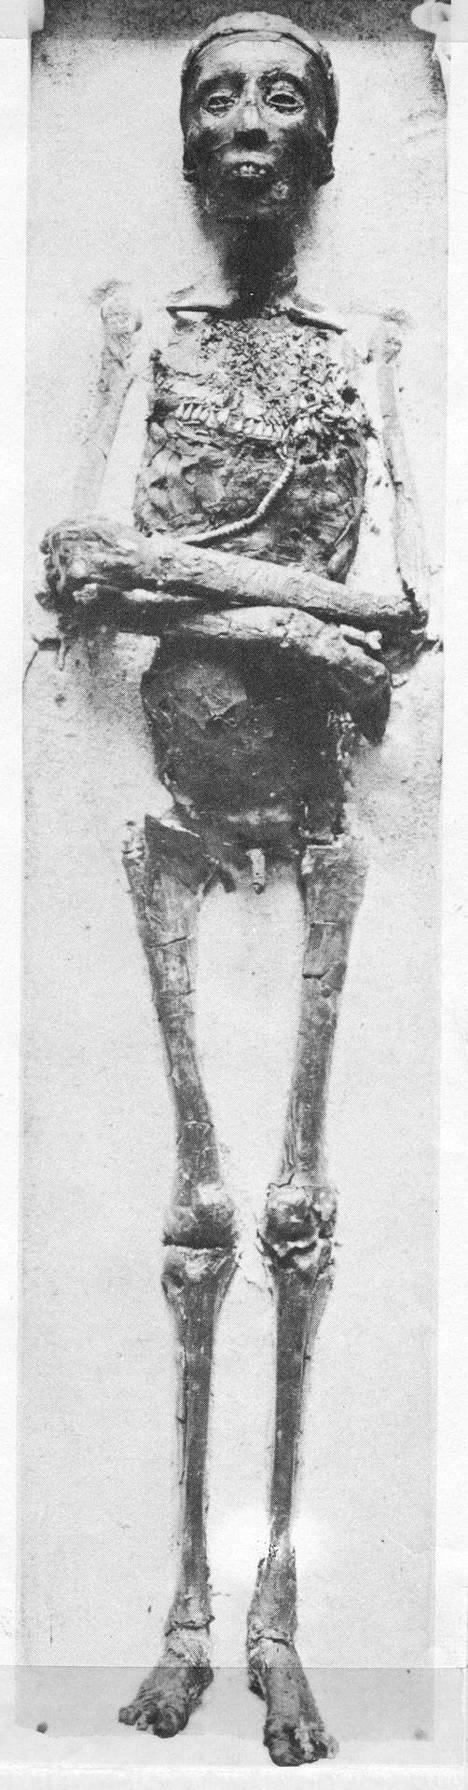 Tutankhamonin hauta löydettiin vuonna 1922.